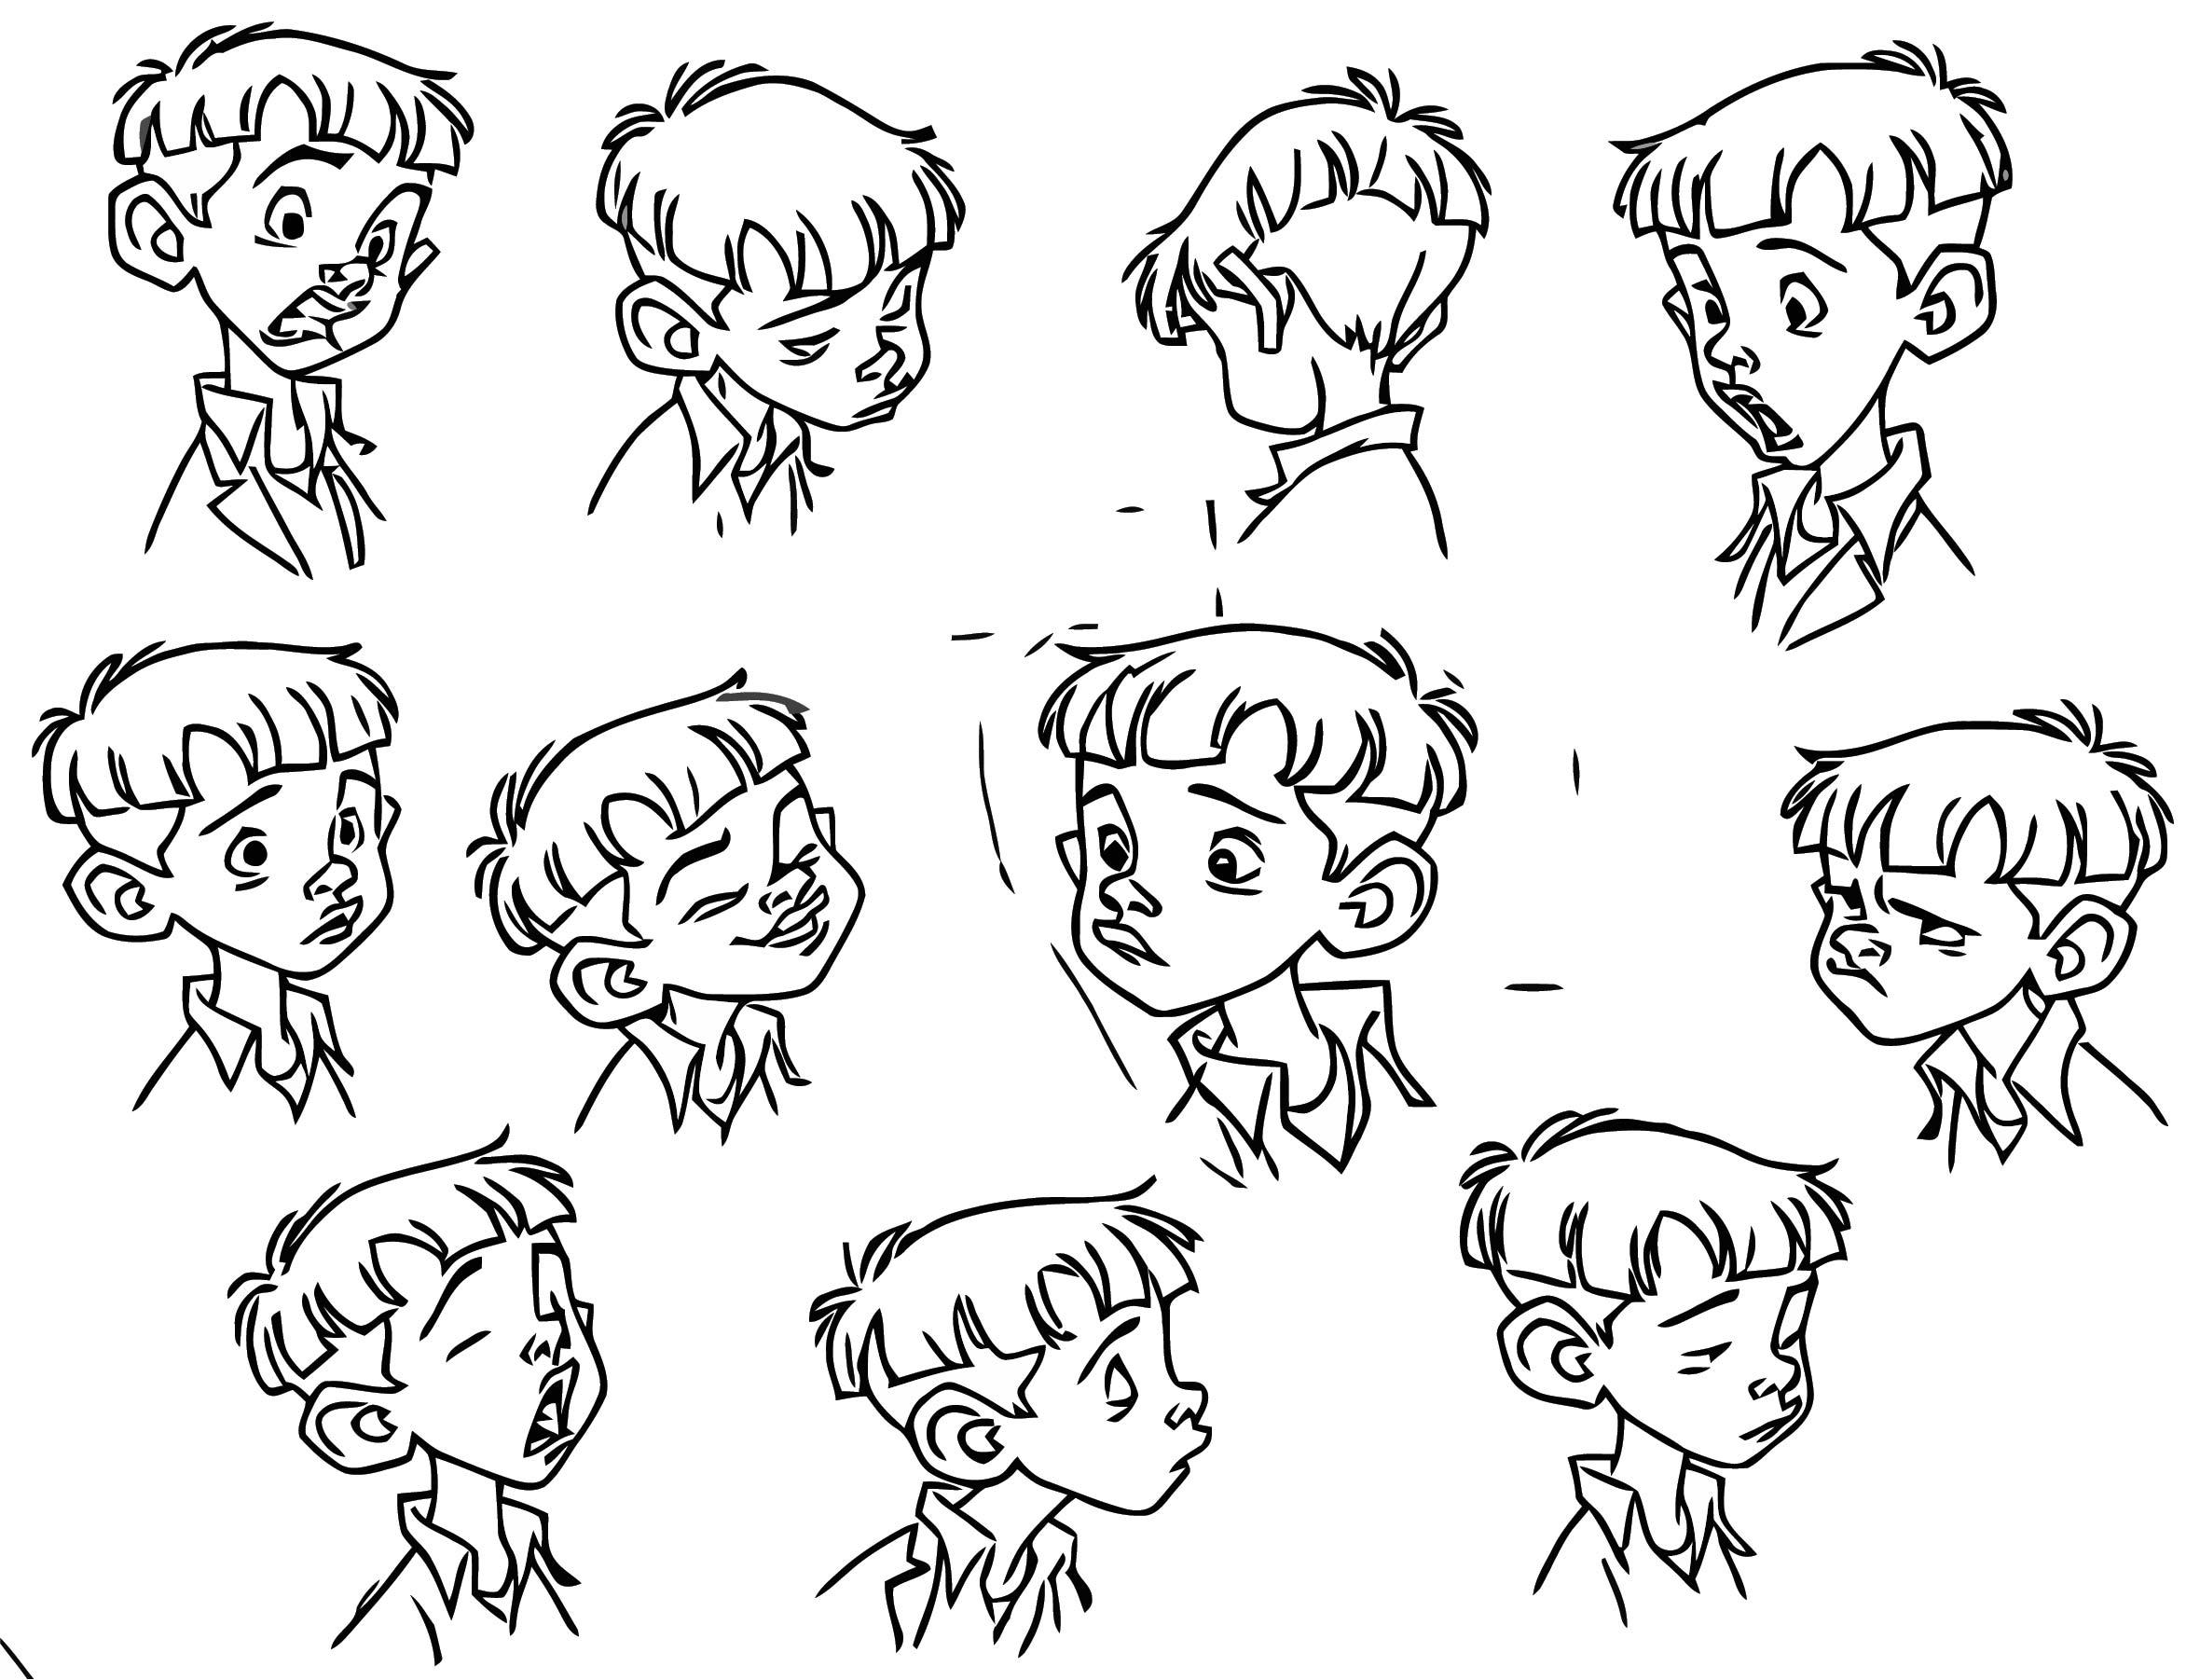 G4 Nino Expresiones 1 Cartoonize Coloring Page